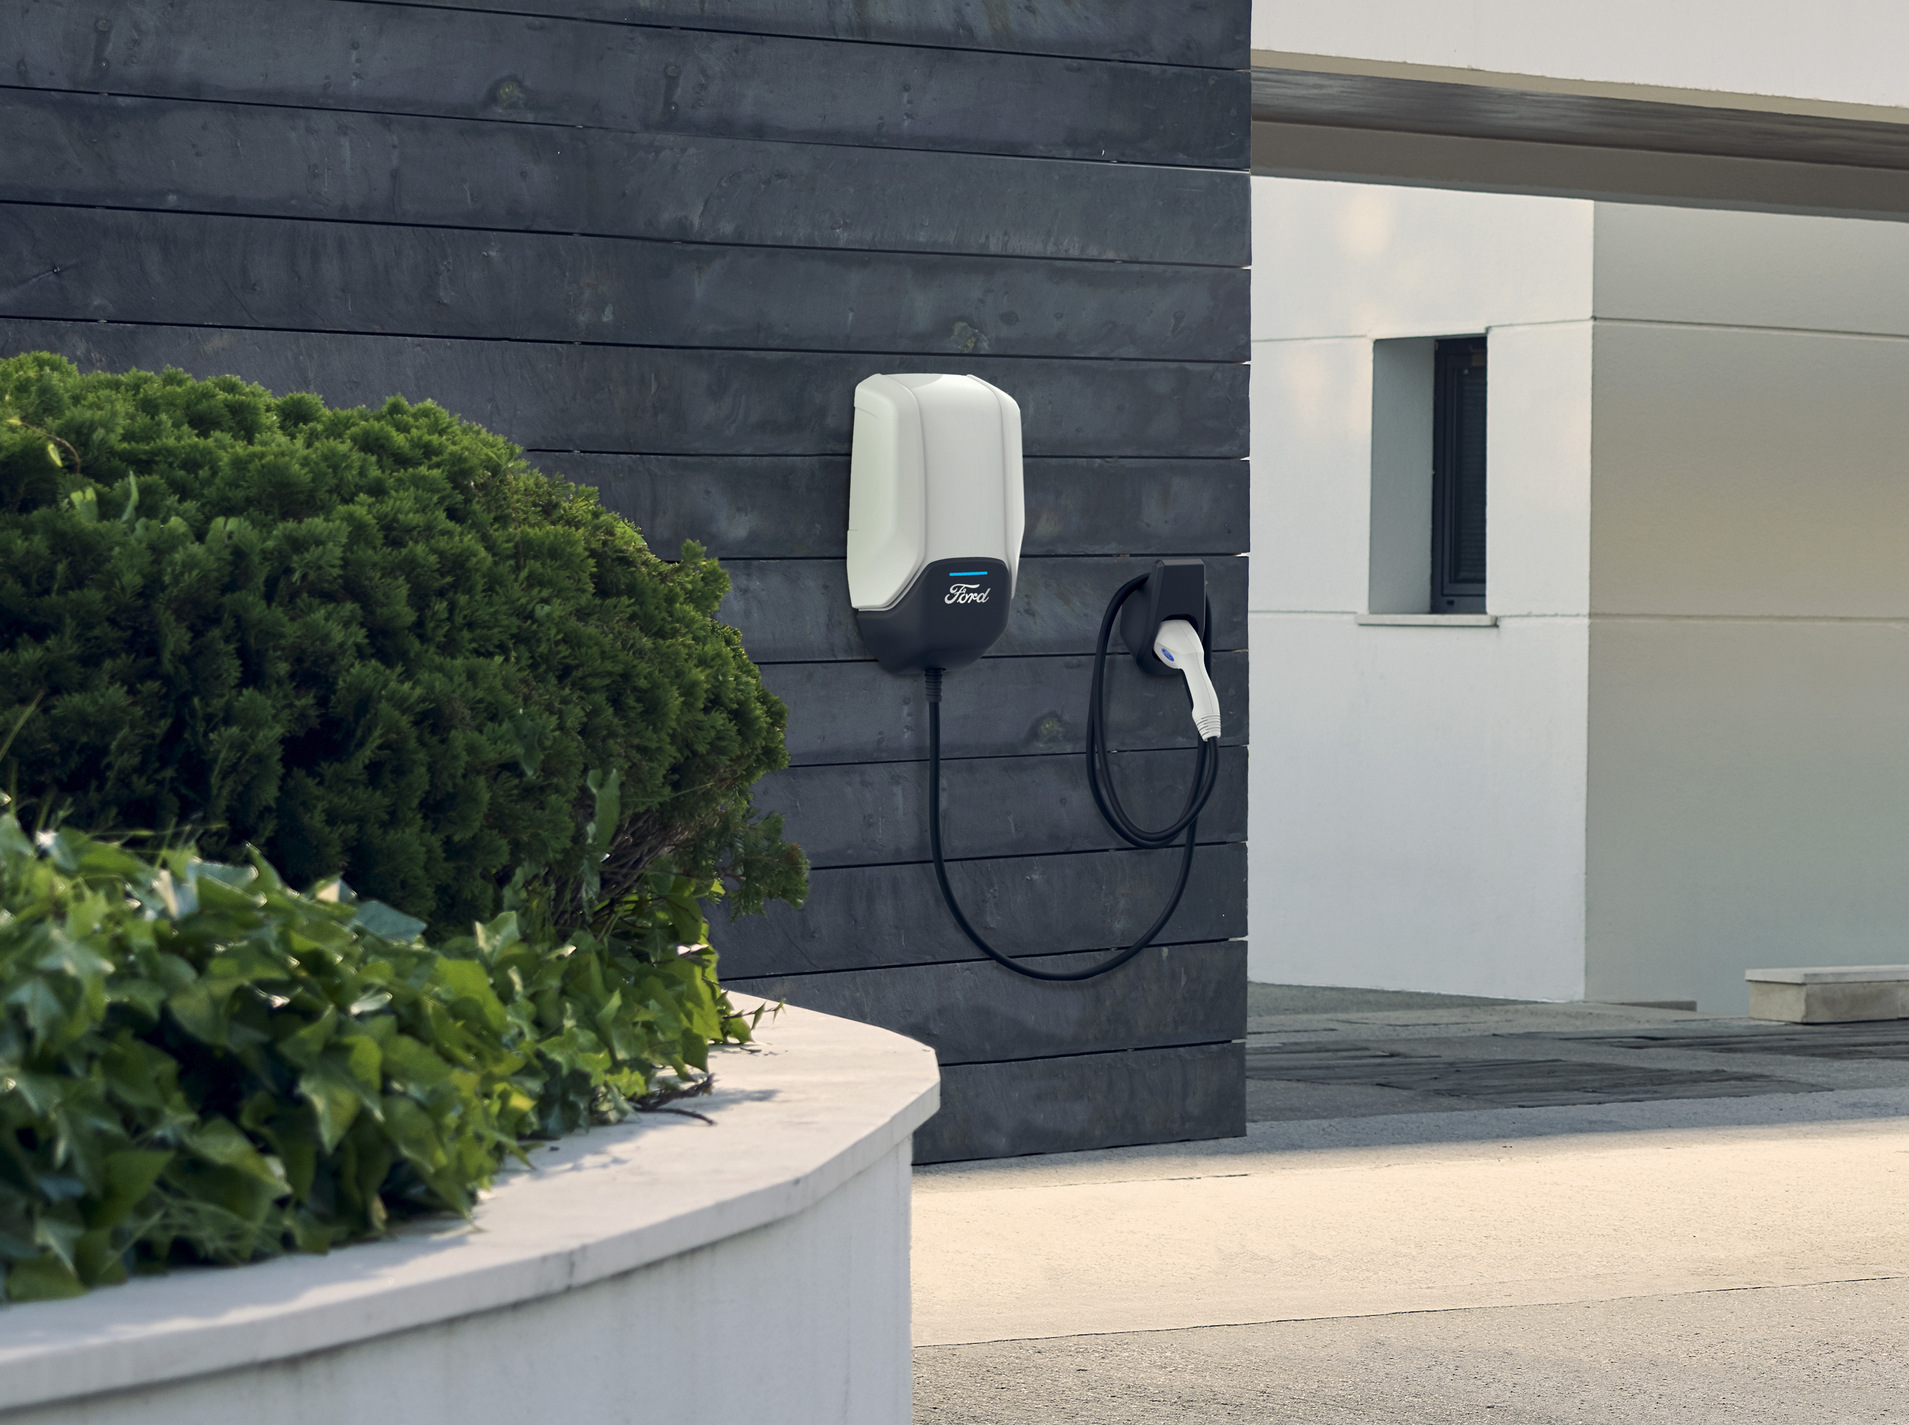 Η Ford δίνει λύση με τον επιτοίχιο φορτιστή Ford Connected Wallbox